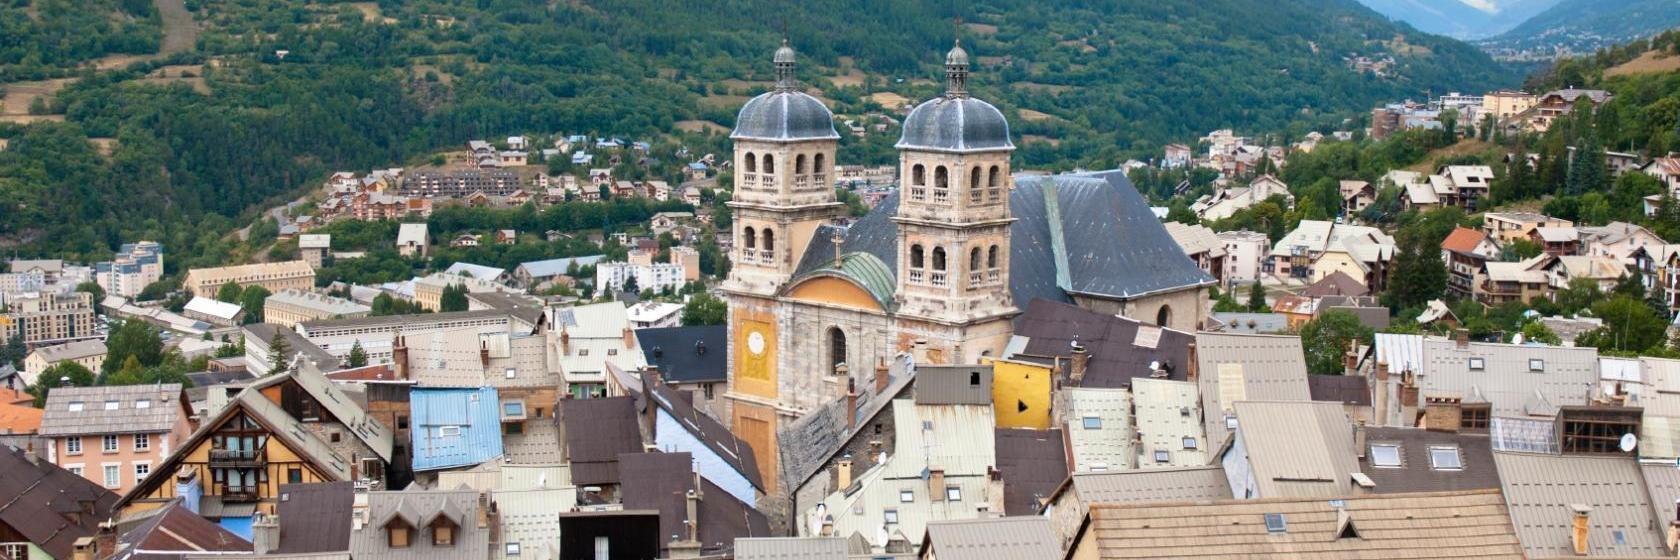 Les 10 meilleurs hôtels à Briançon (à partir de €43) - www.booking.com 2